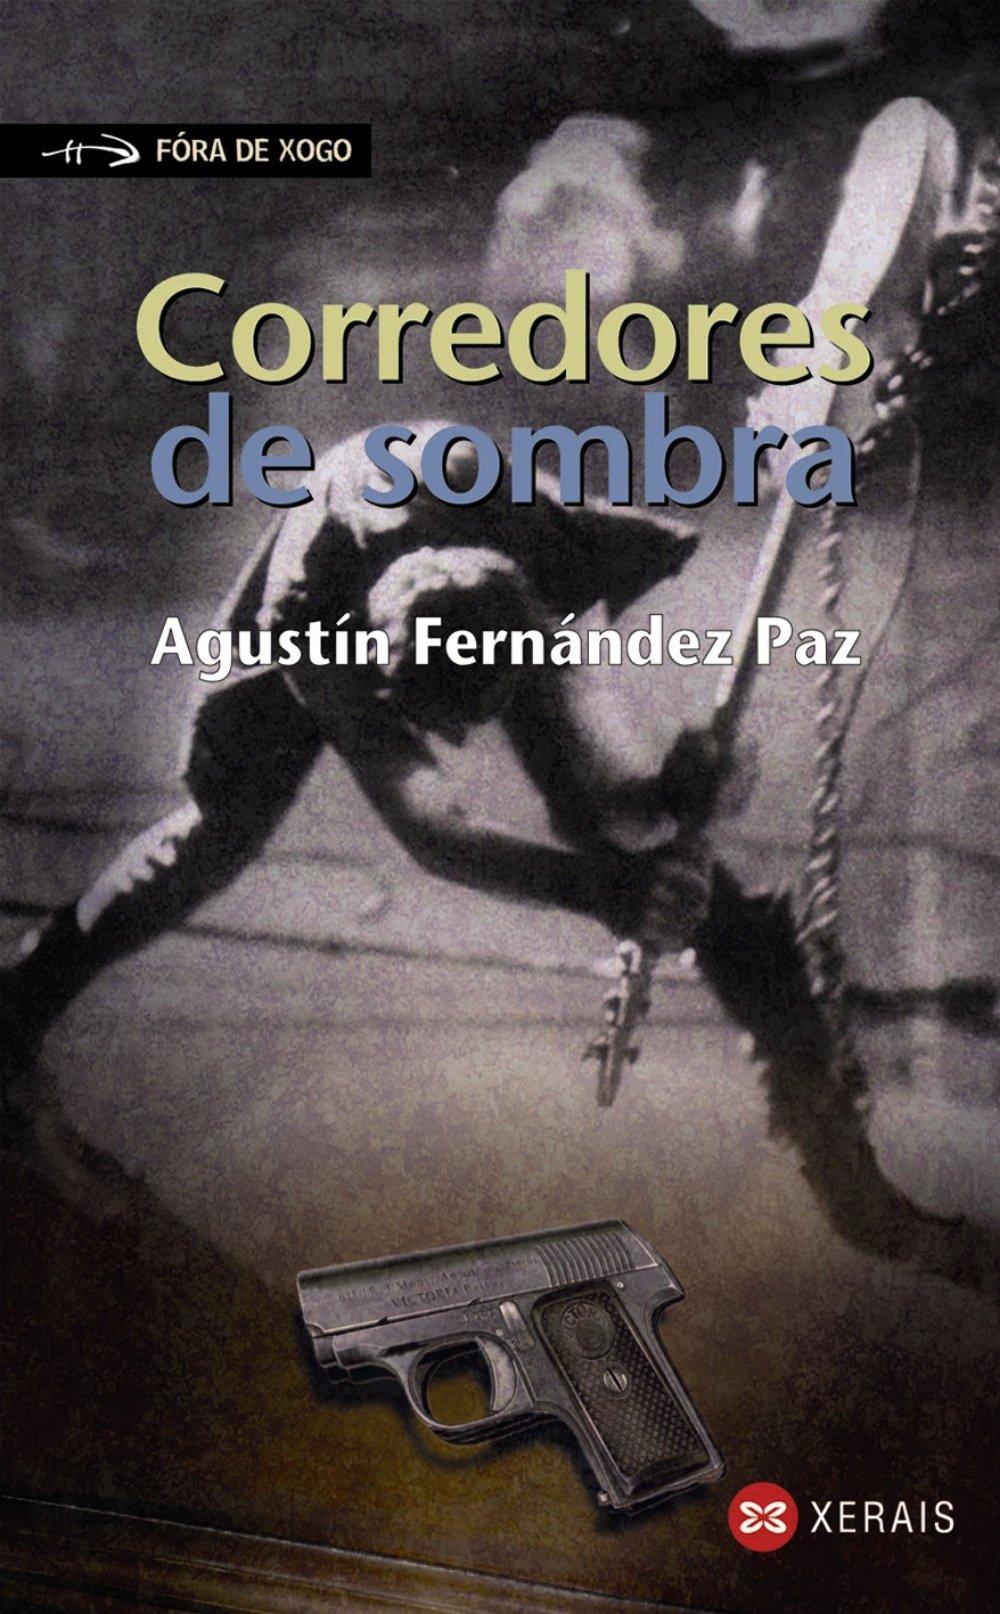 Corredores de sombra (Infantil E Xuvenil - Fóra De Xogo) (Gallego) Tapa blanda – 22 oct 2007 Agustín Fernández Paz Xerais 8497824253 Thrillers - General